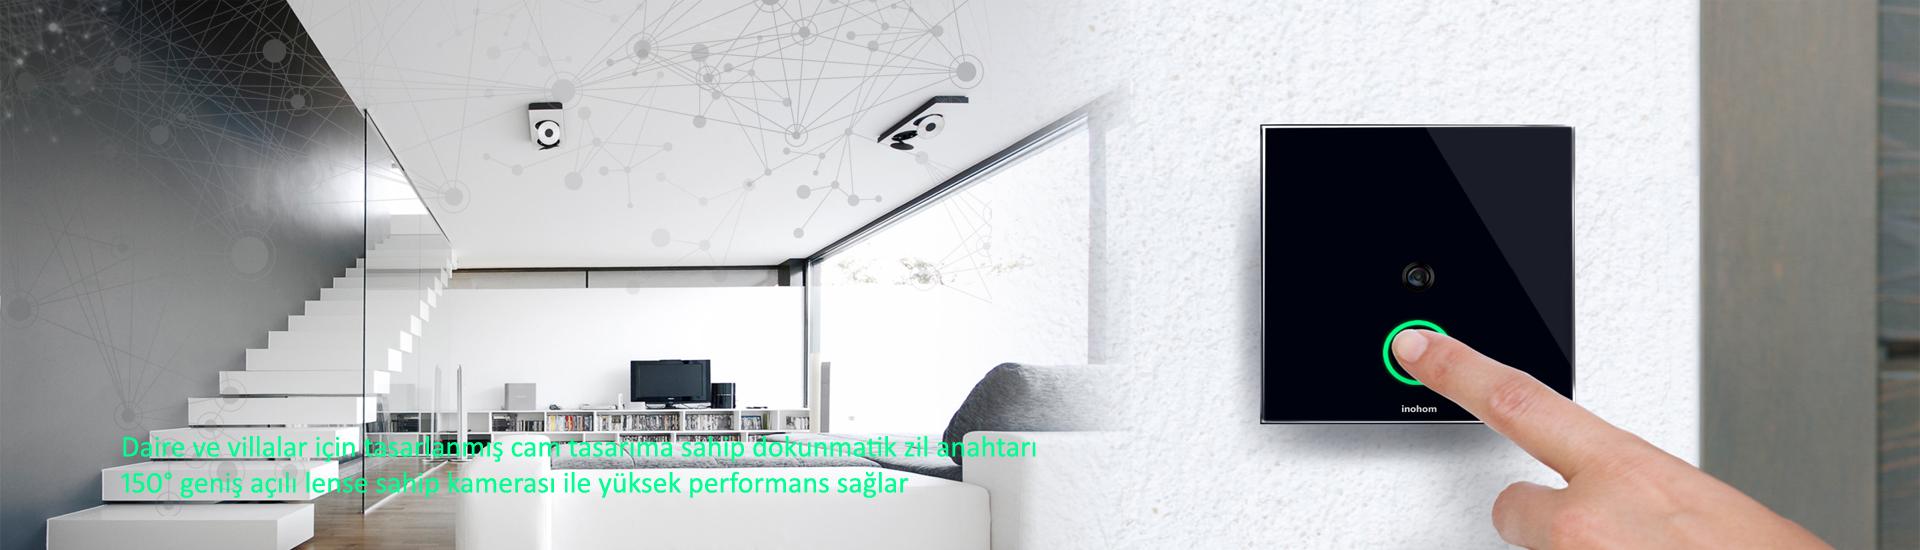 my_world_teknoloji_bursa_akıllı_ev_sistemi (4)